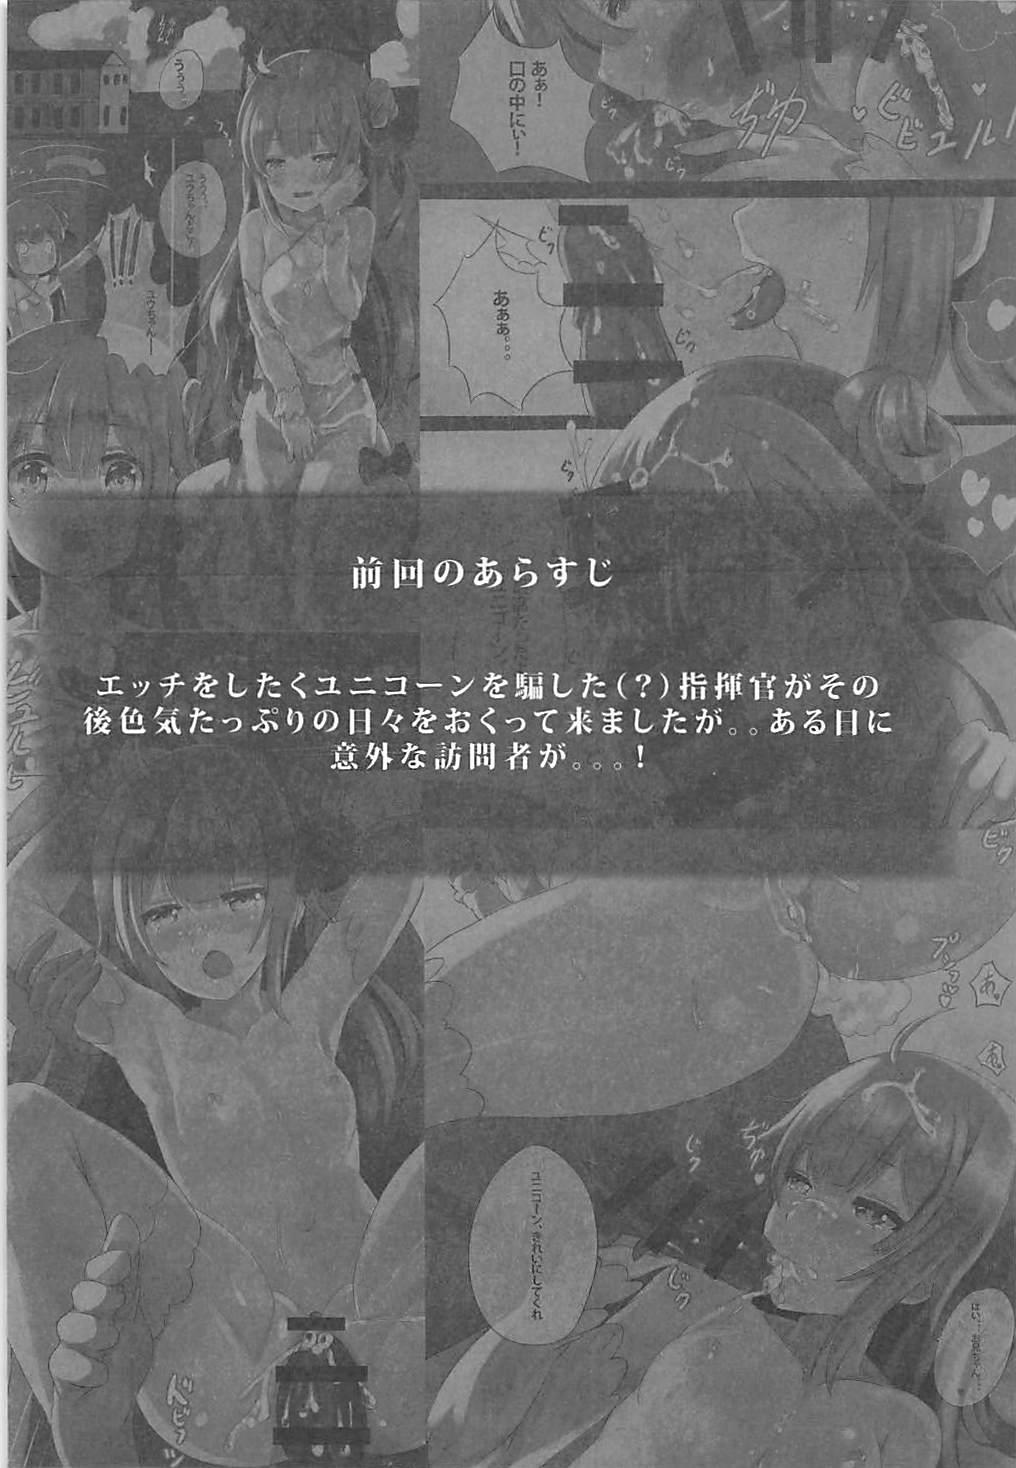 VANILLA MIX 03 Unicorn wa Iiko no kana? 2 2